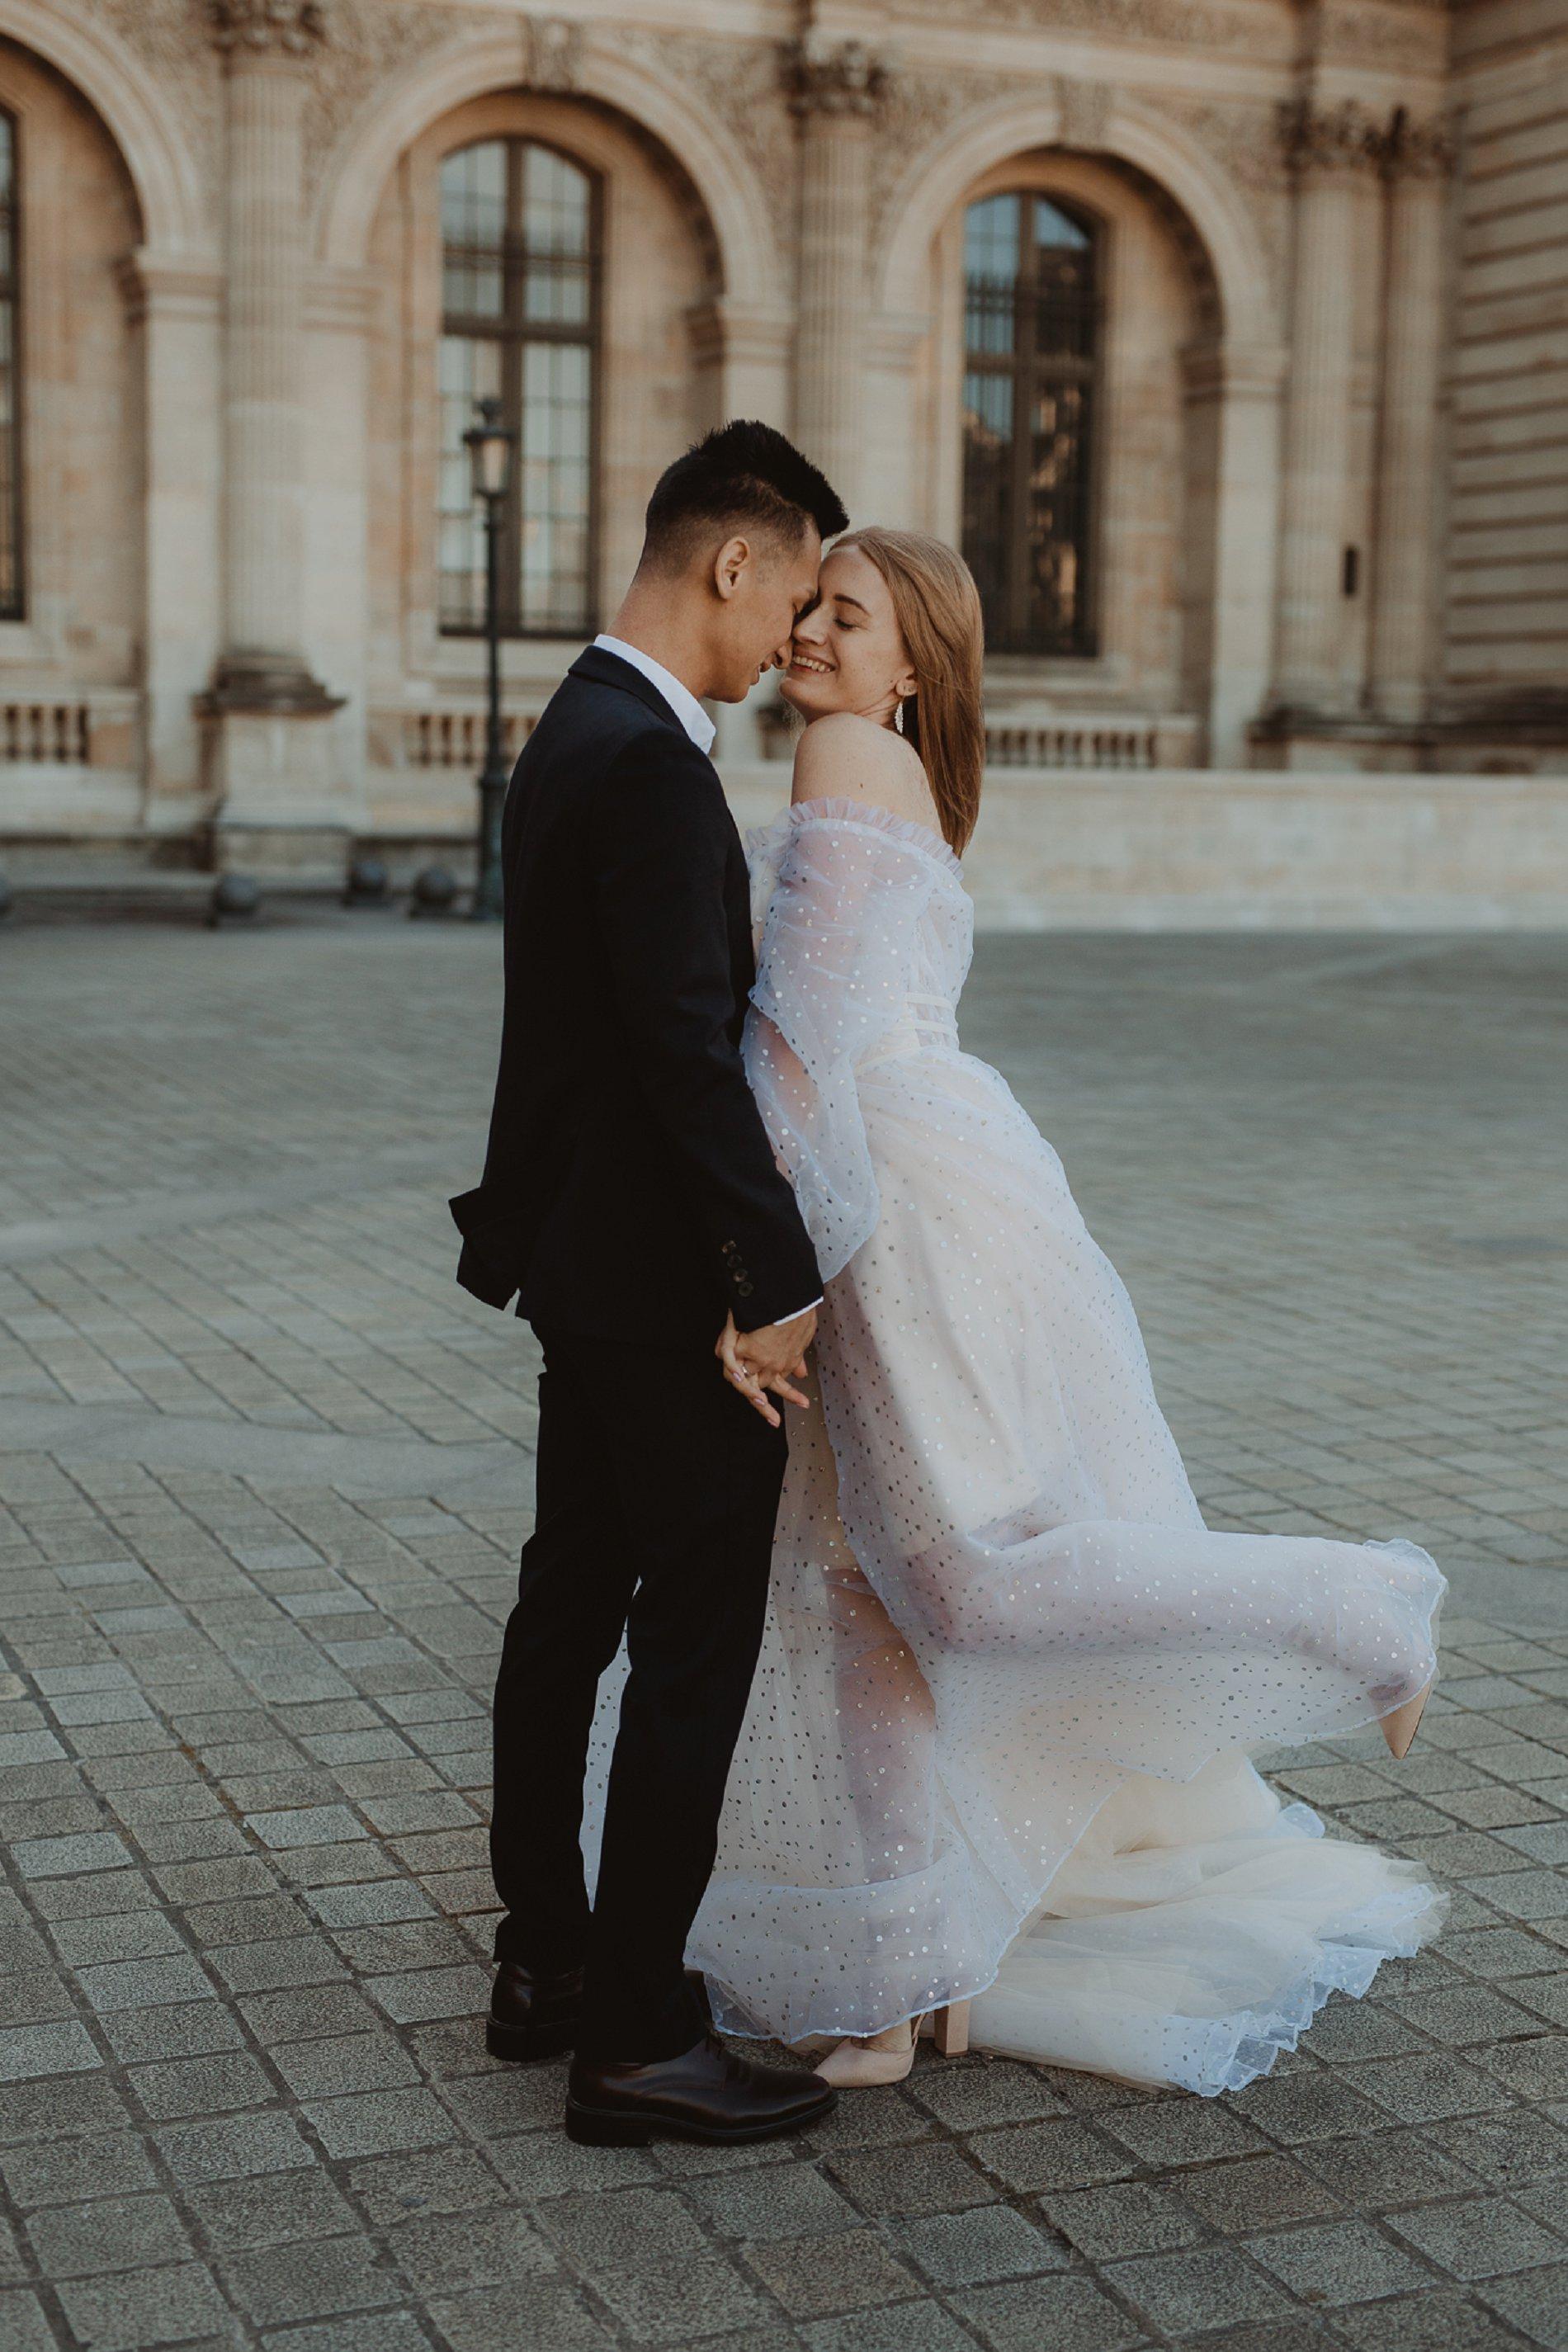 Miss He Bridal Romantic Paris Elopement (c) Xanthe Rowland Photography (28)